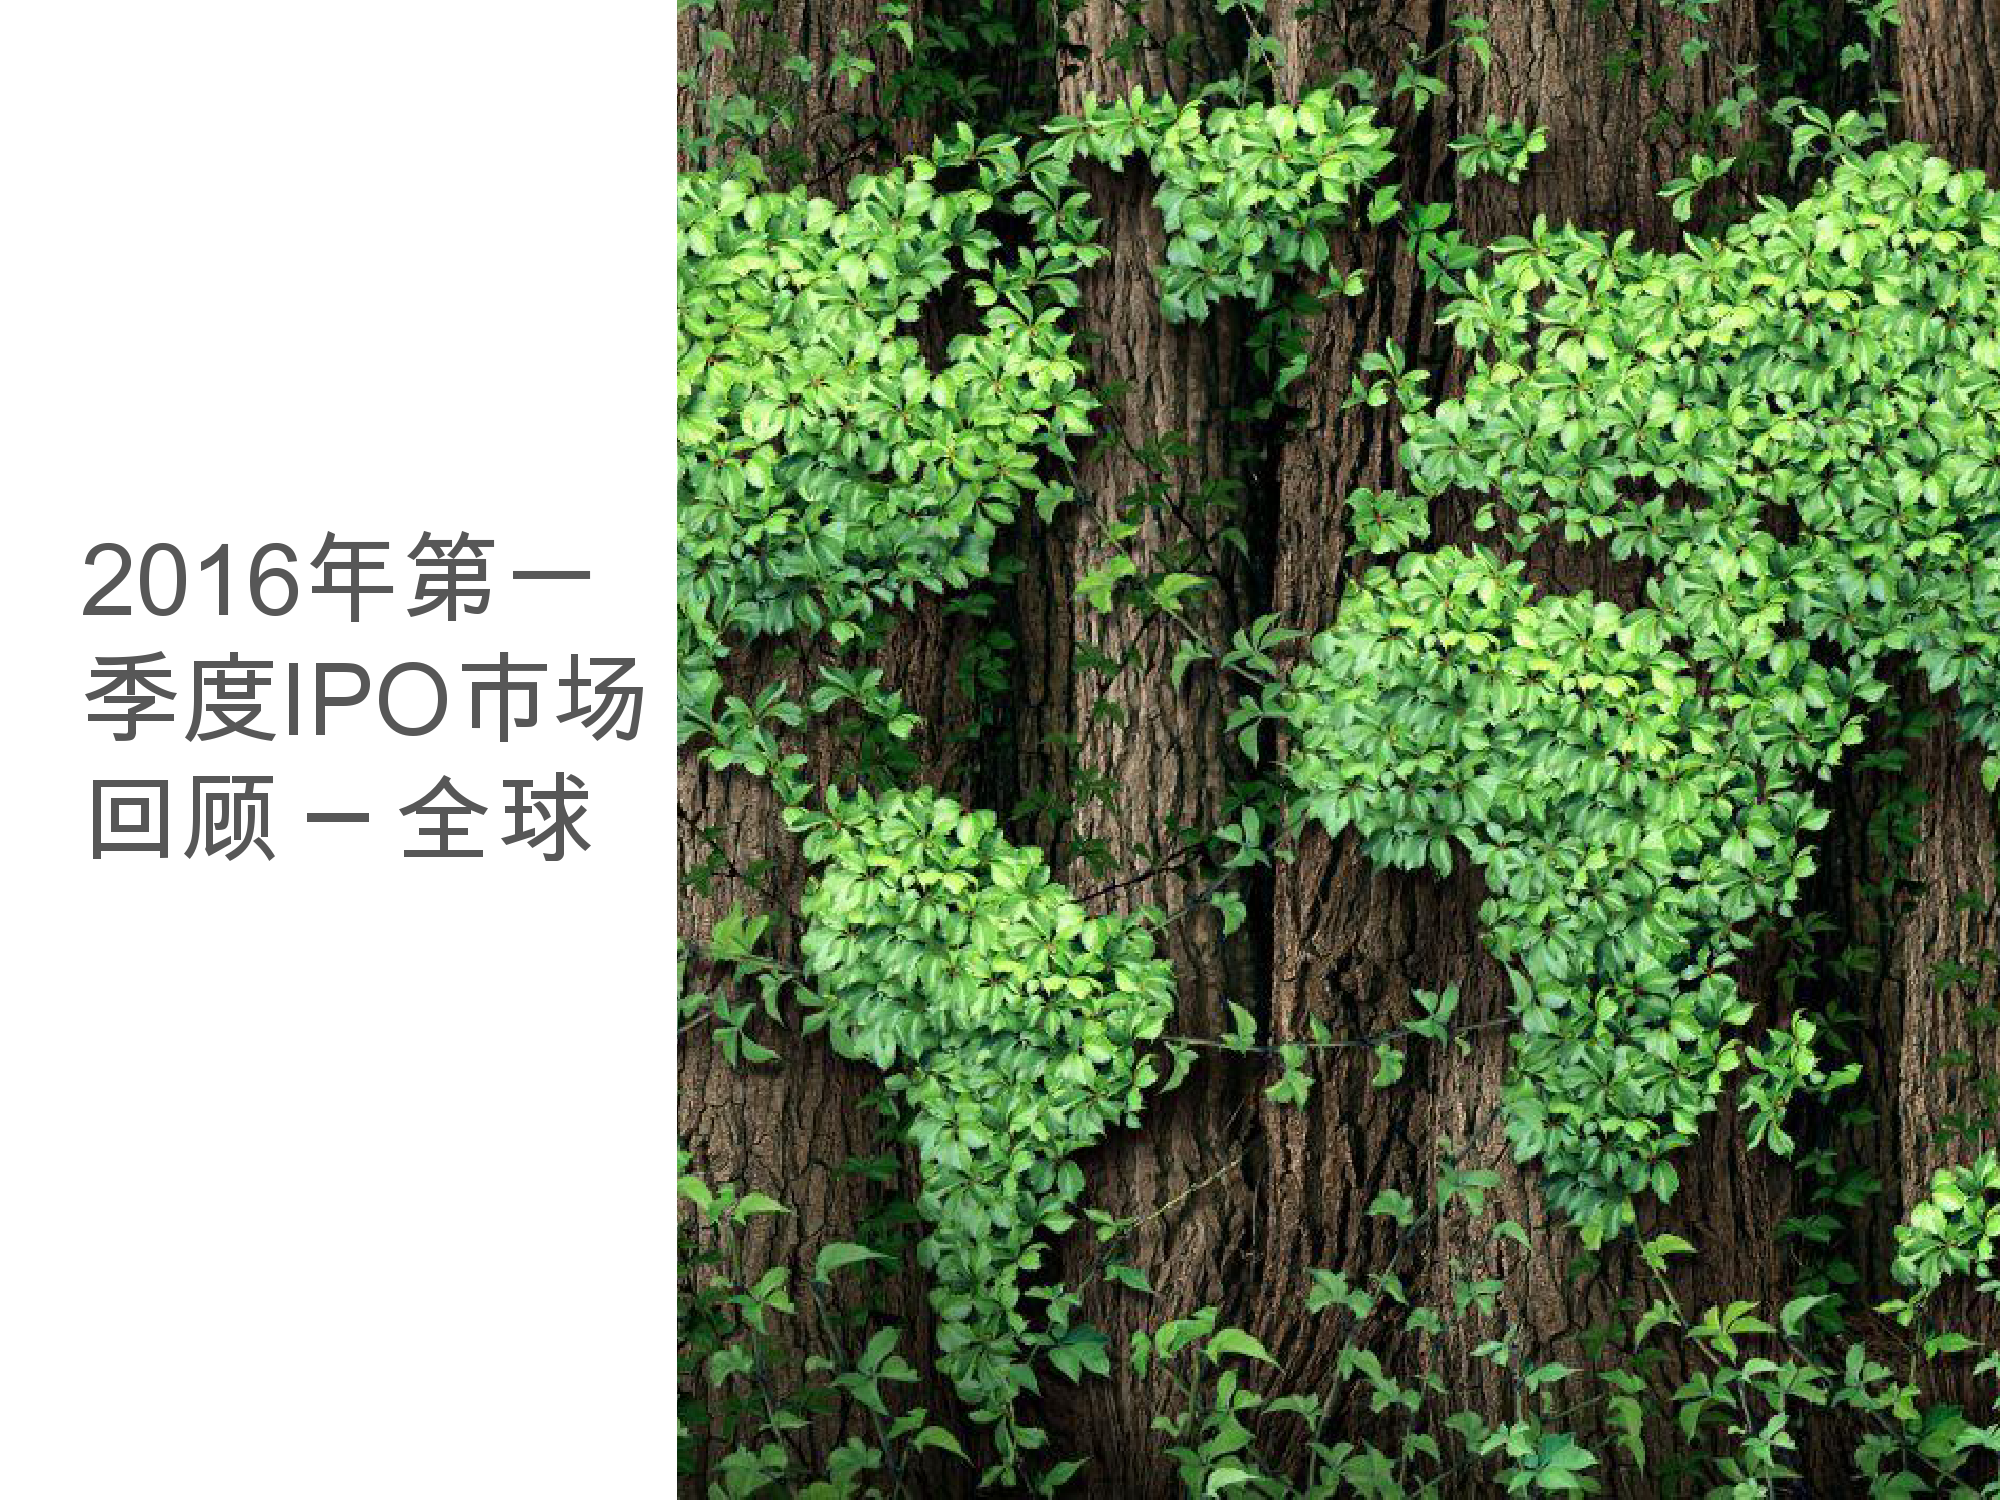 香港及中国大陆IPO市场2016年1季度_000026